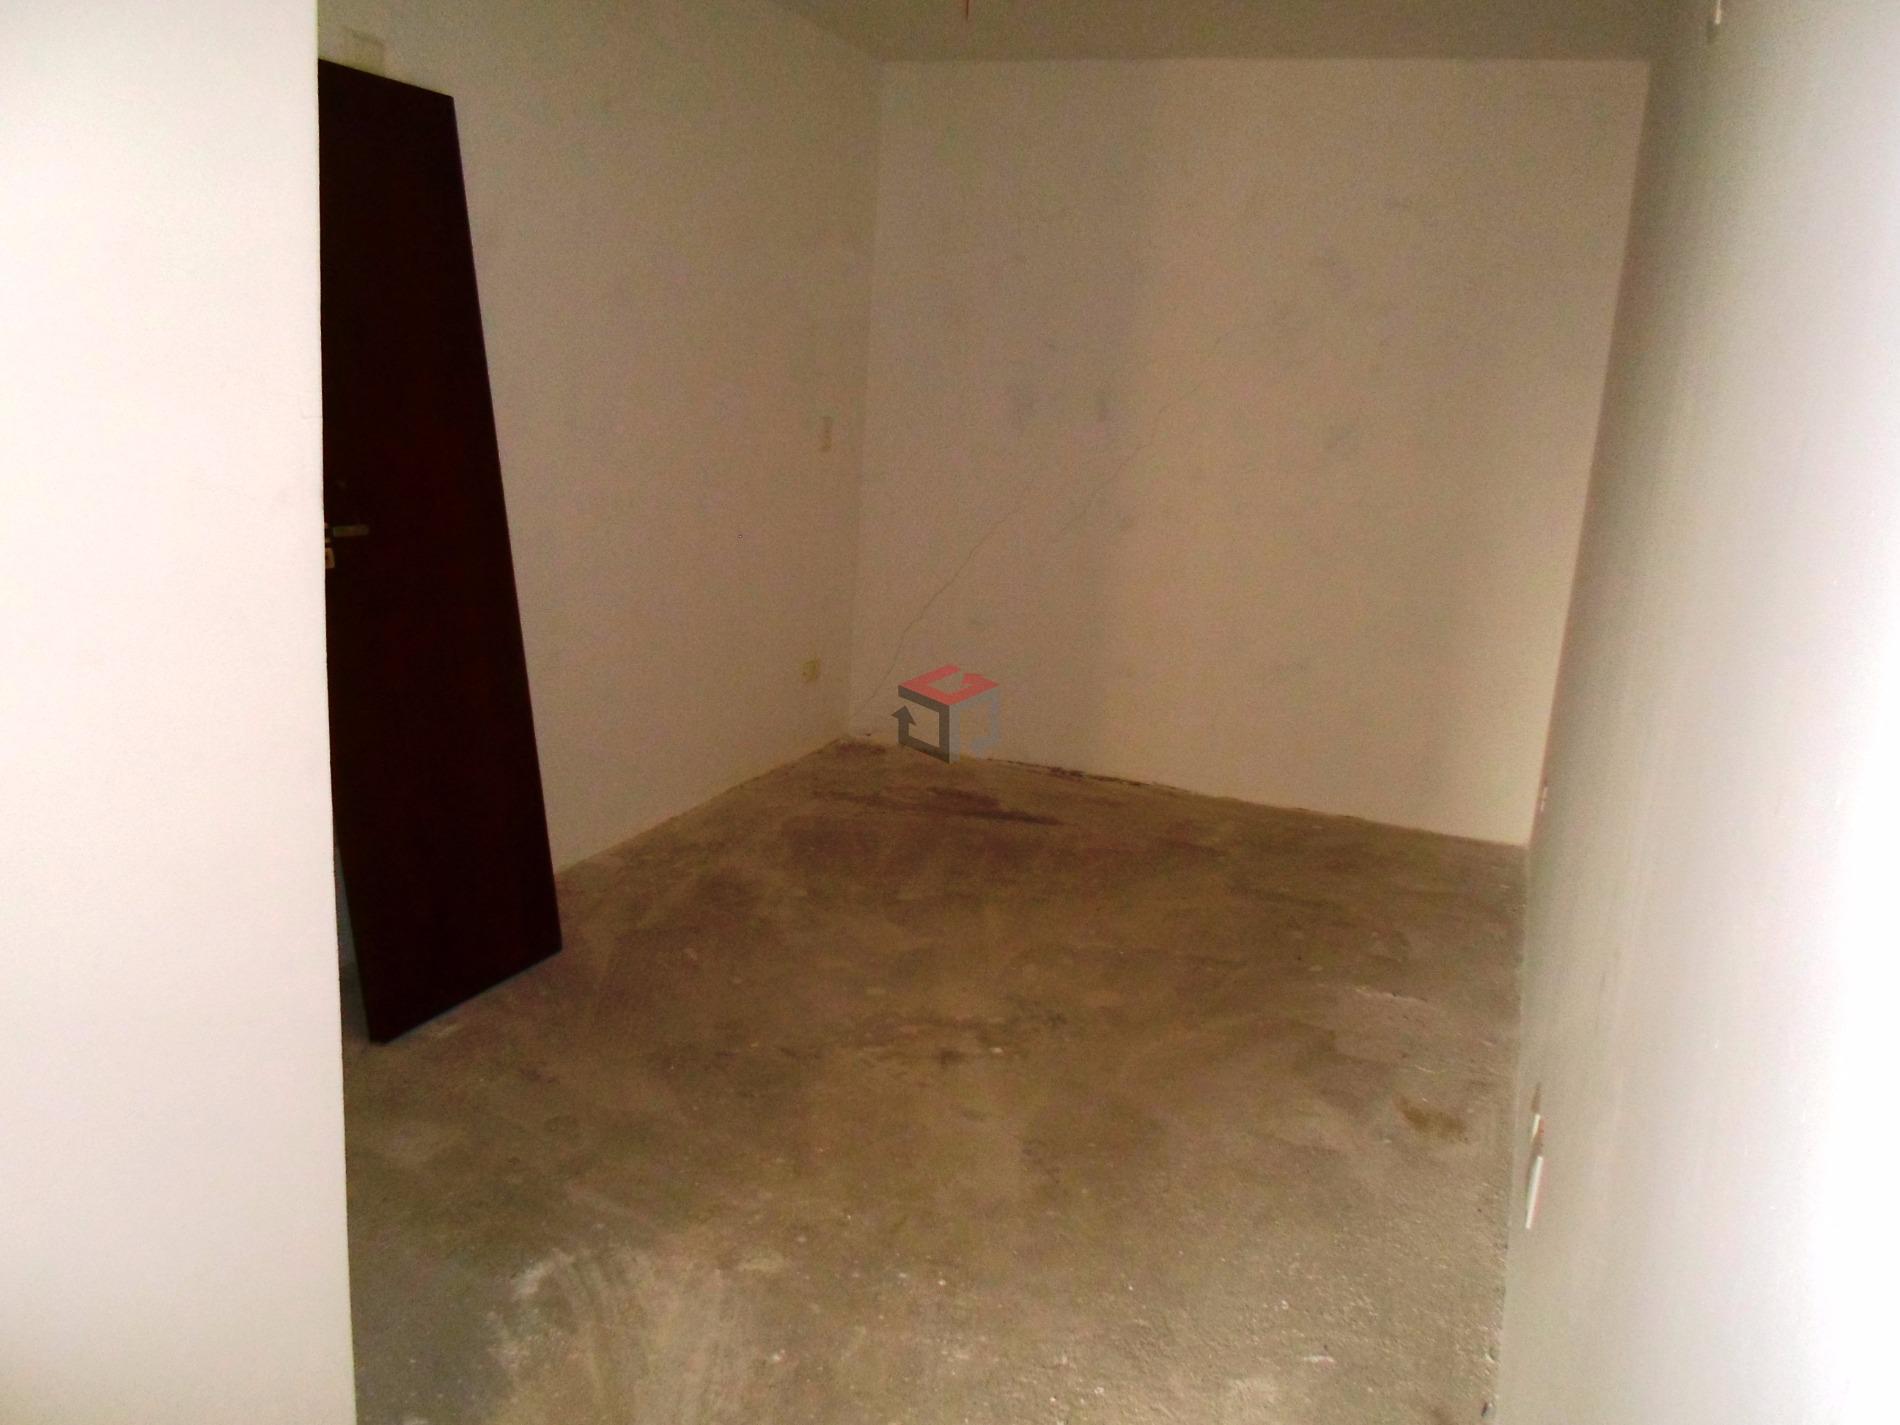 cobertura assunção, 3 dormitórios sendo uma suite, sala com sacada, cozinha tipo americana, 176mts de au....